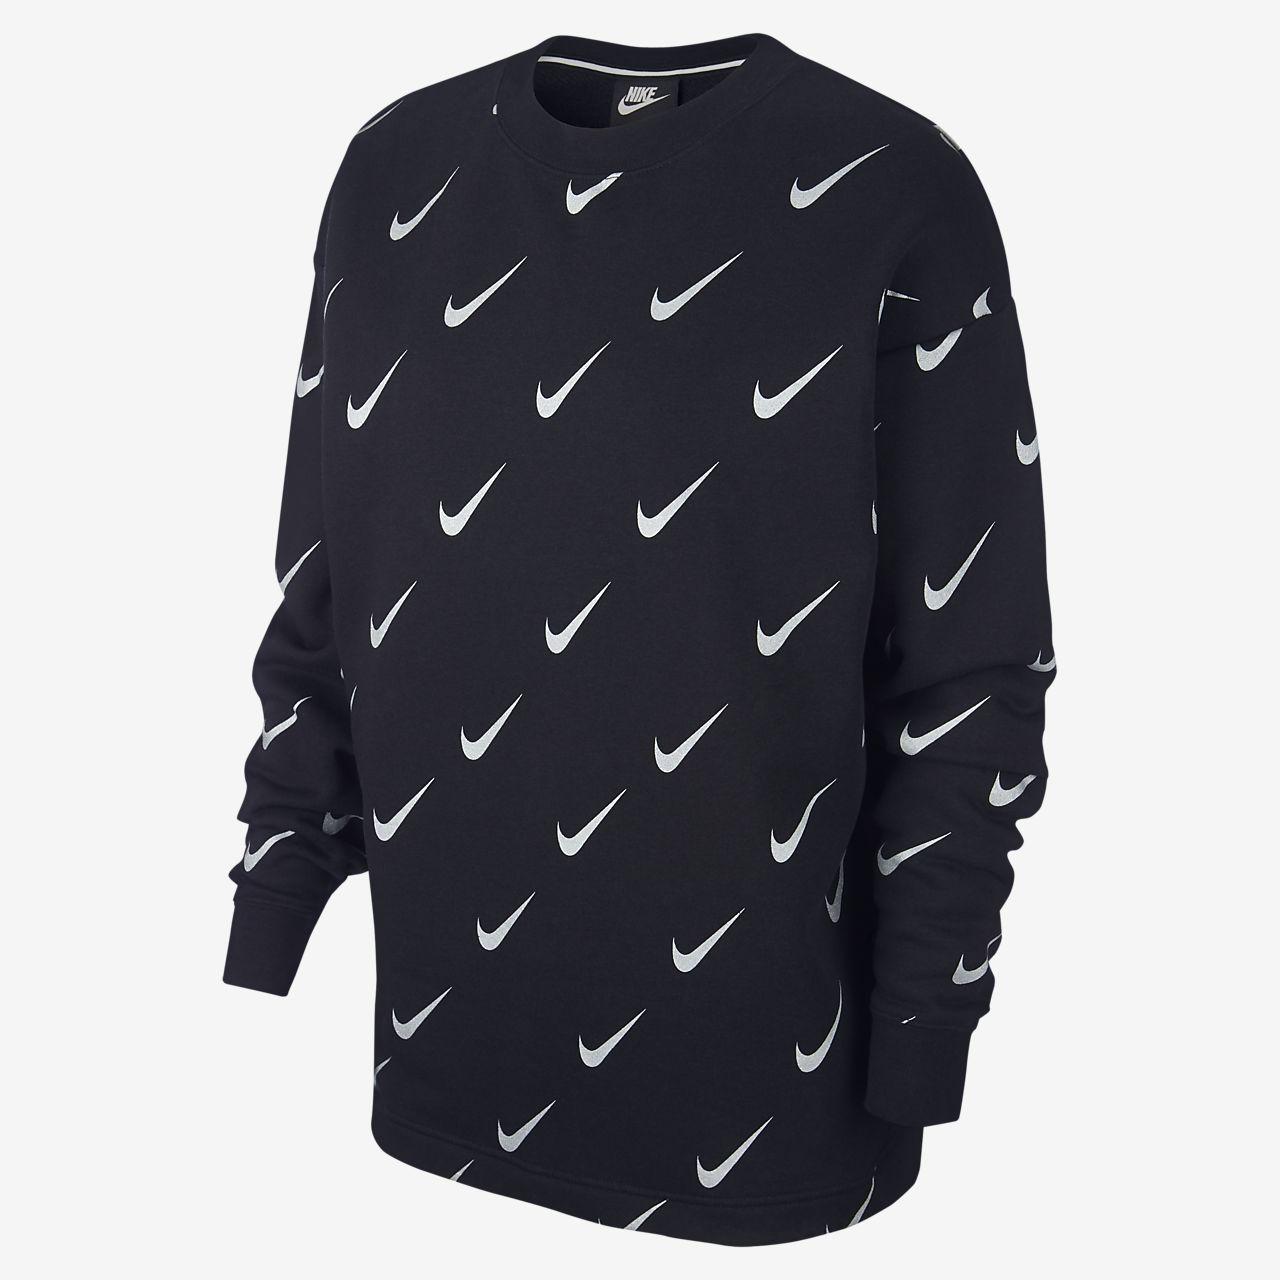 4e40007757b3 Nike Sportswear Rally Metallic-Rundhalsshirt mit Print für Damen ...